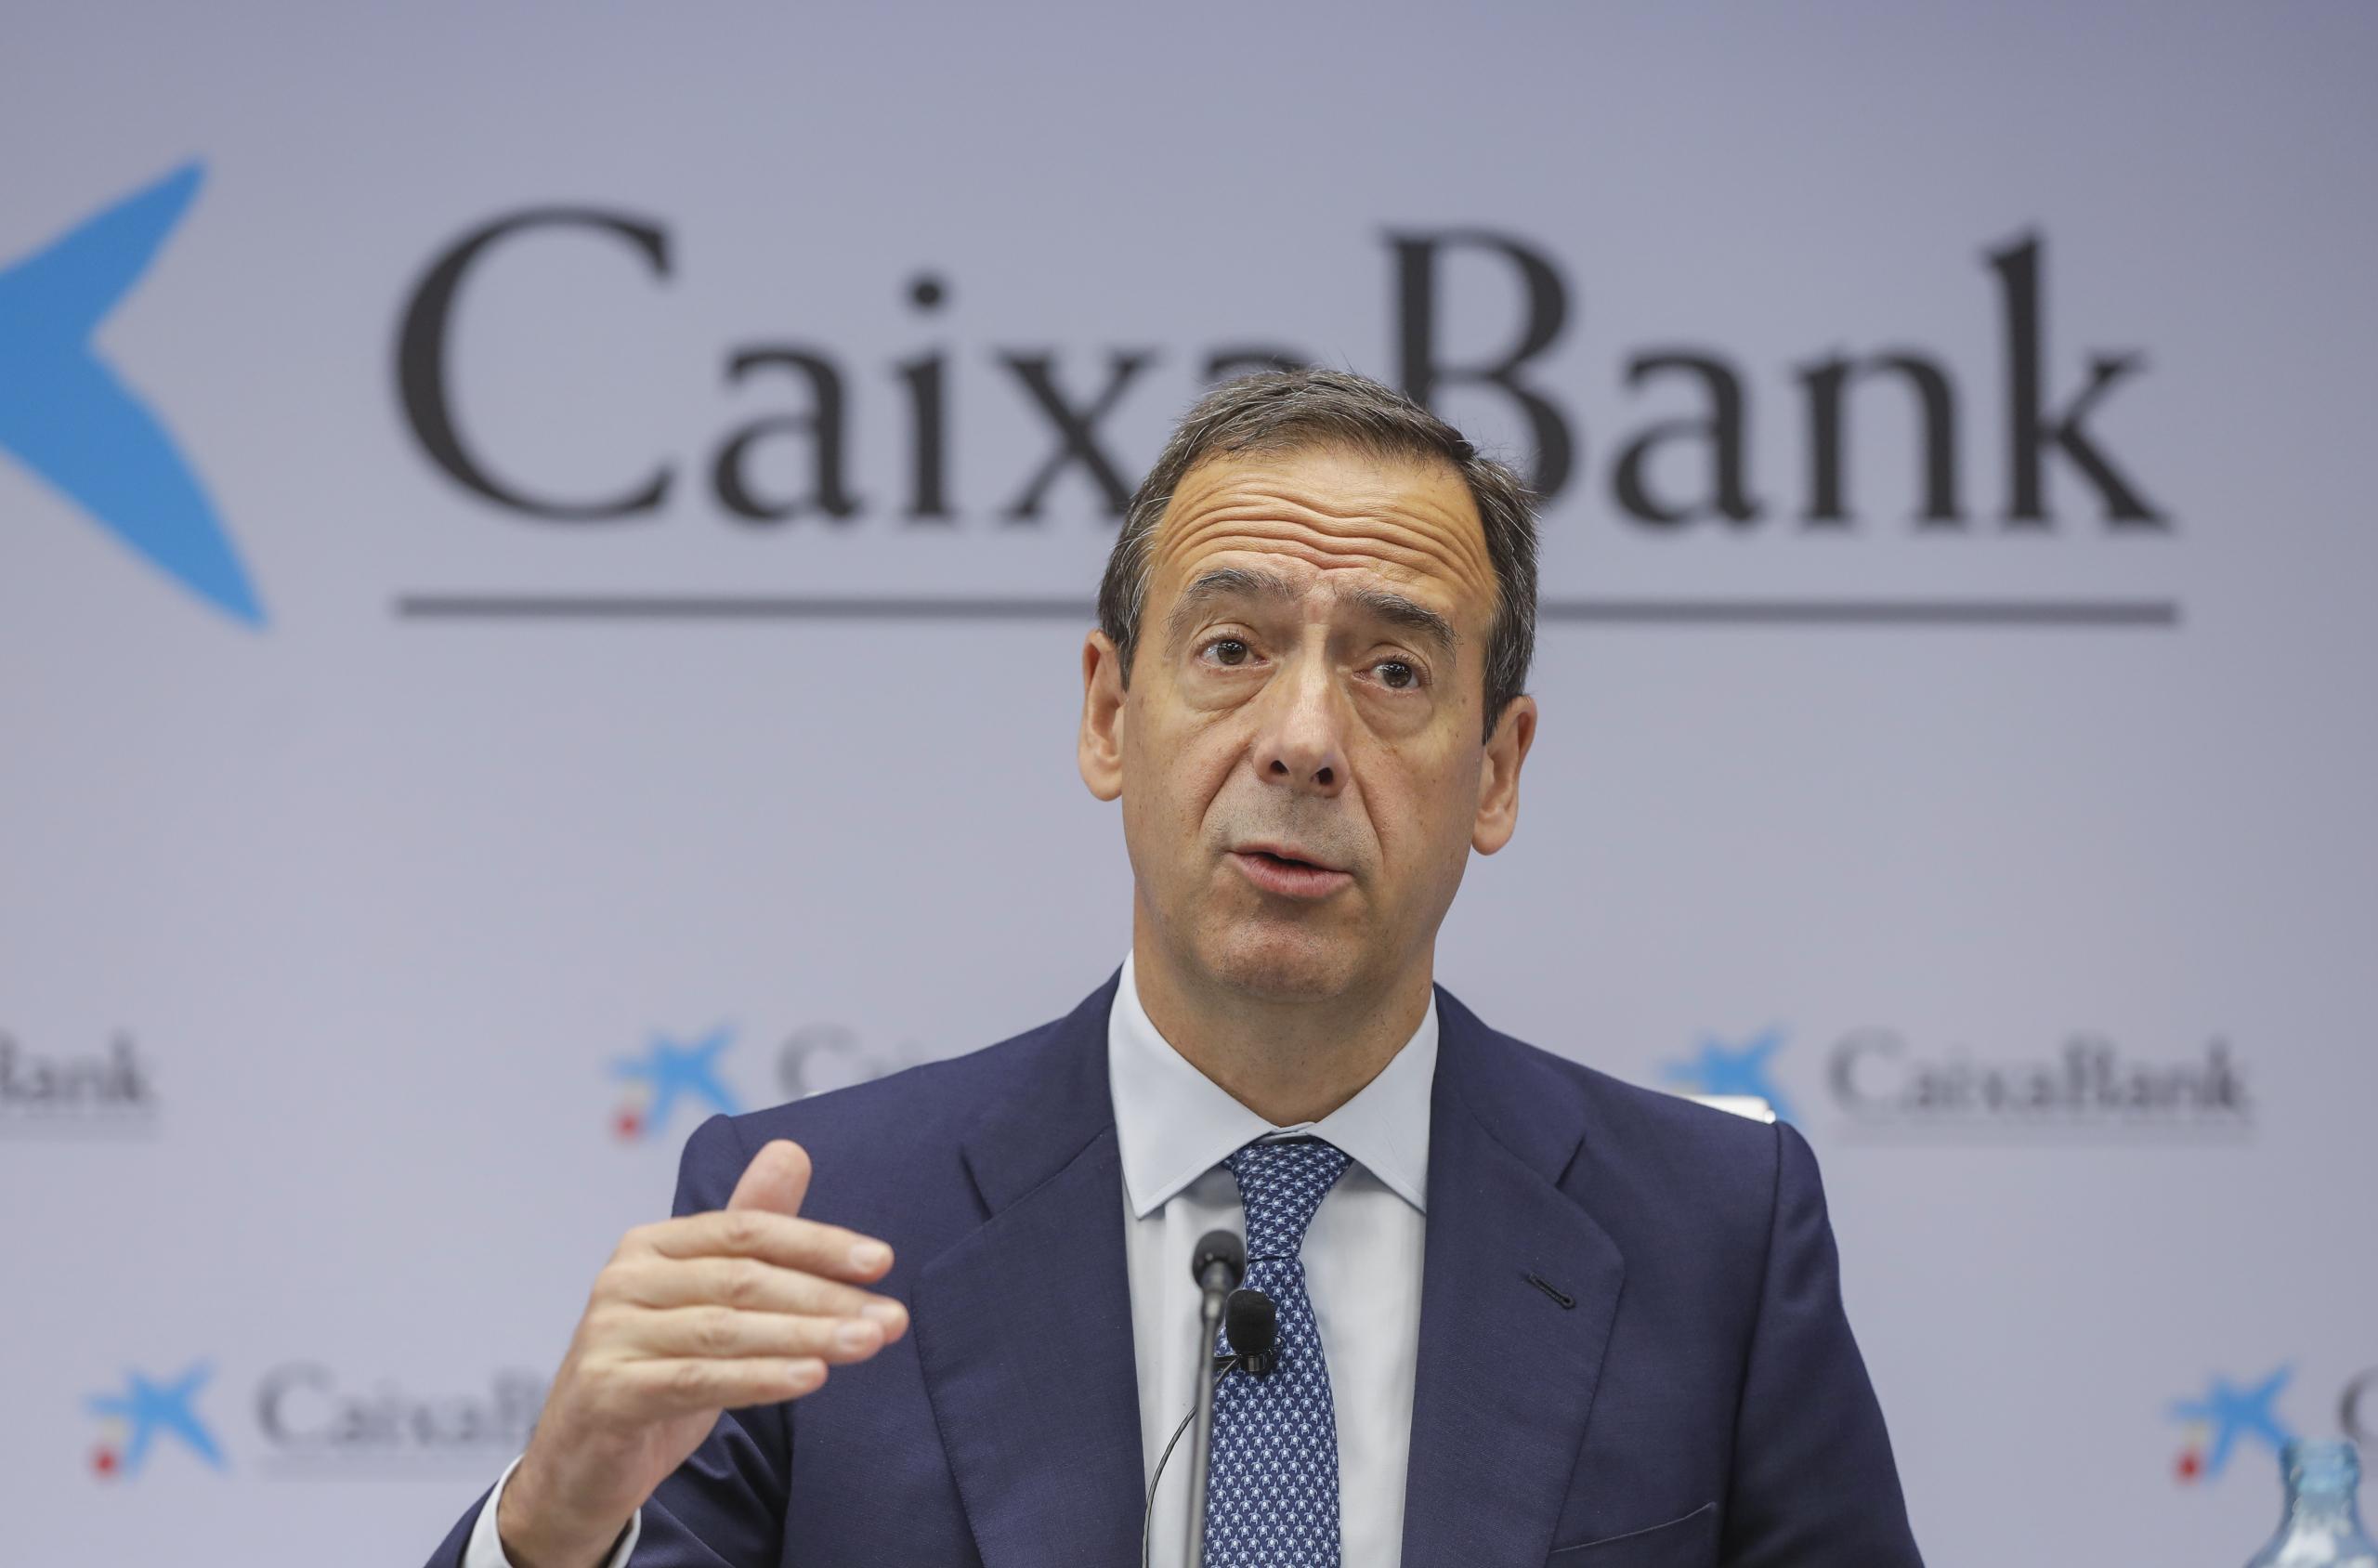 El conseller delegat de CaixaBank, Gonzalo Gortázar, presenta els resultats de l'entitat del primer semestre del 2021 / Rober Solsona / Europa Press